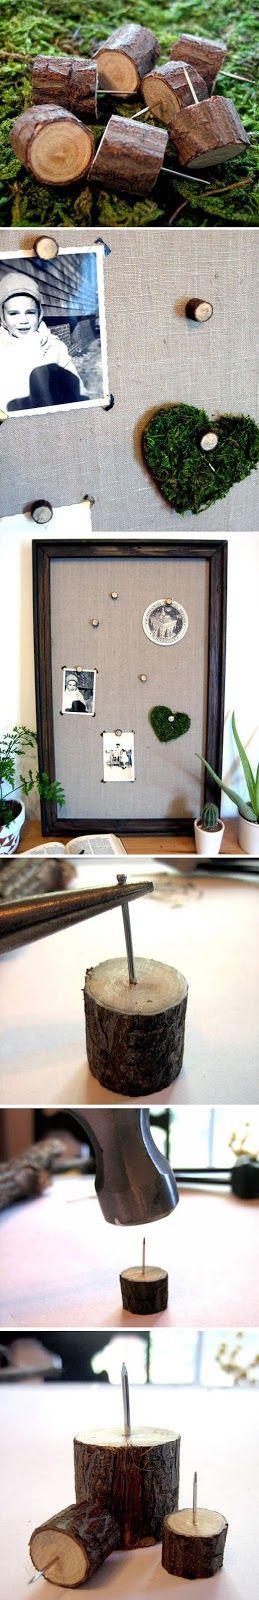 Tuto : faire des punaises avec des petits bouts de bois et des clous - DIY how to make pins from wood and nails